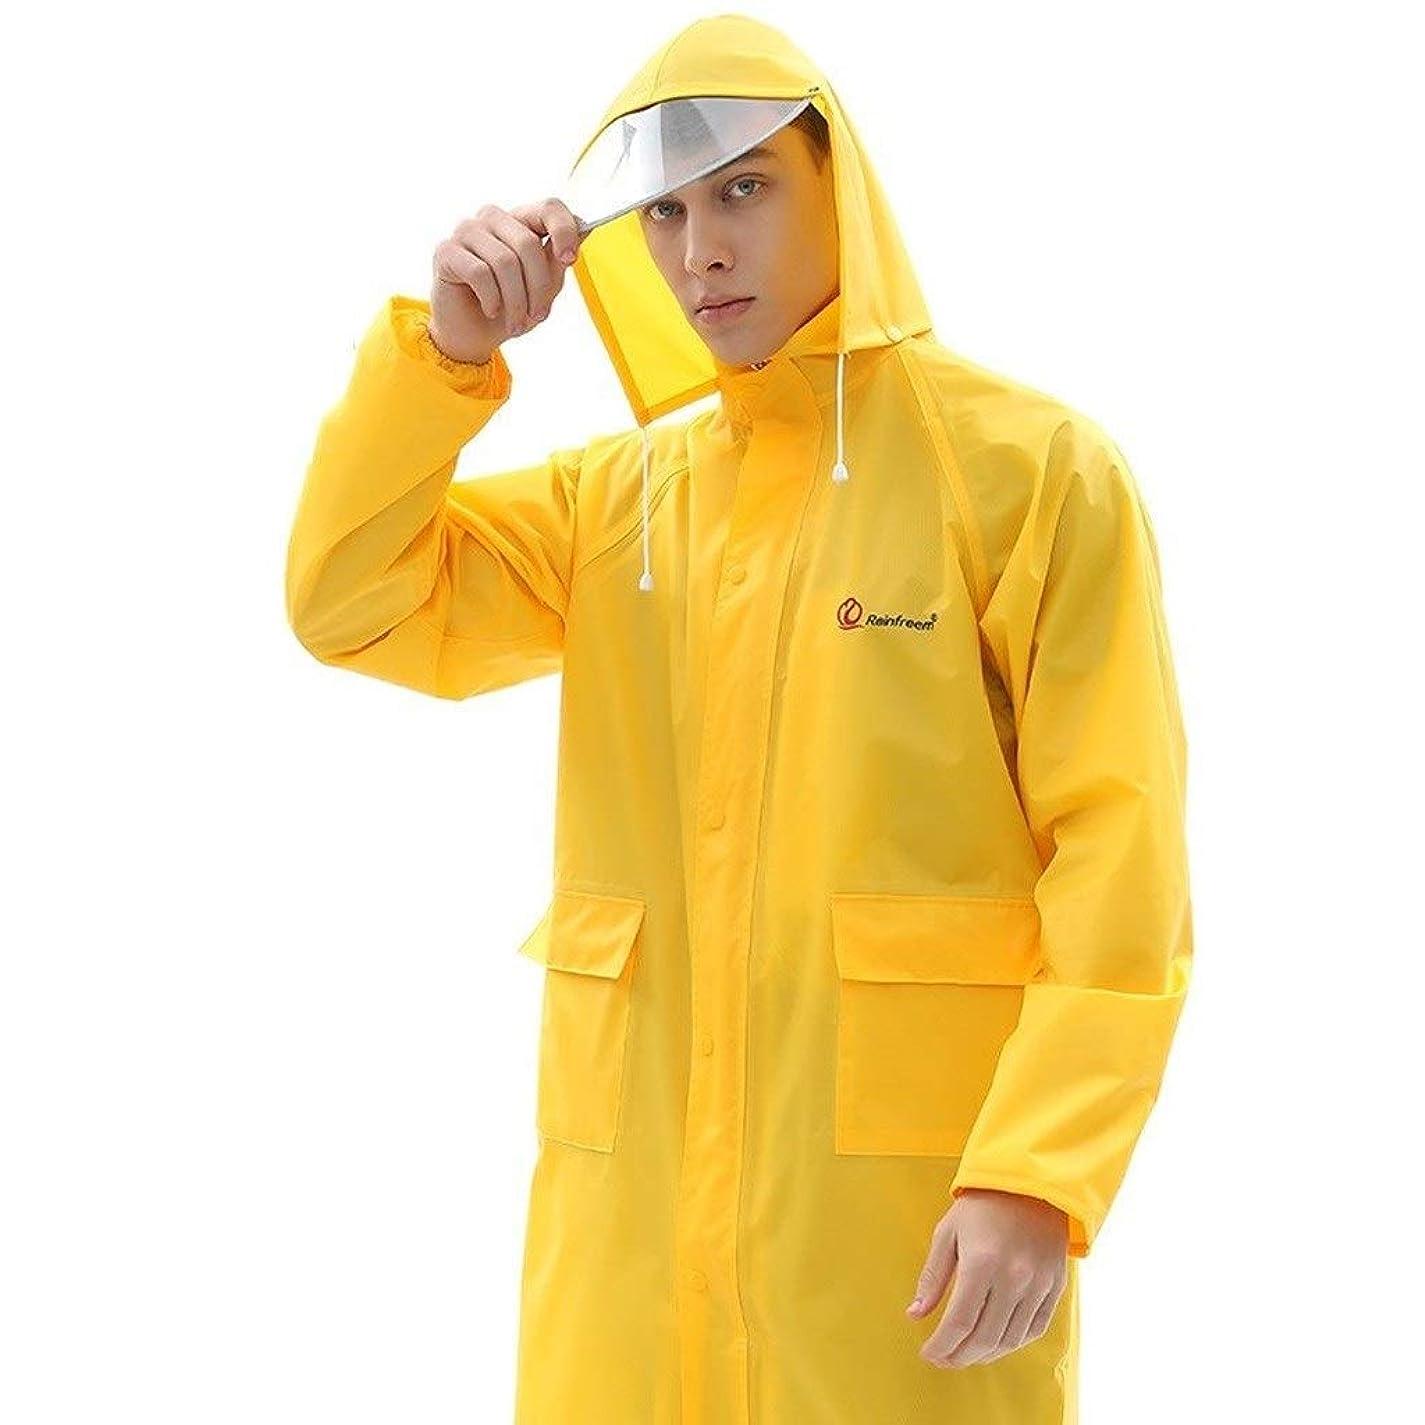 モジュール衣装レギュラーJCCOZ 軽量防水ユニセックスレインコートポンチョ、カラーメンズおよびレディースレインコート、防水ジャケット、緊急用ポンチョ、アウトドア用またはアクティビティ用 (Color : T, Size : M)